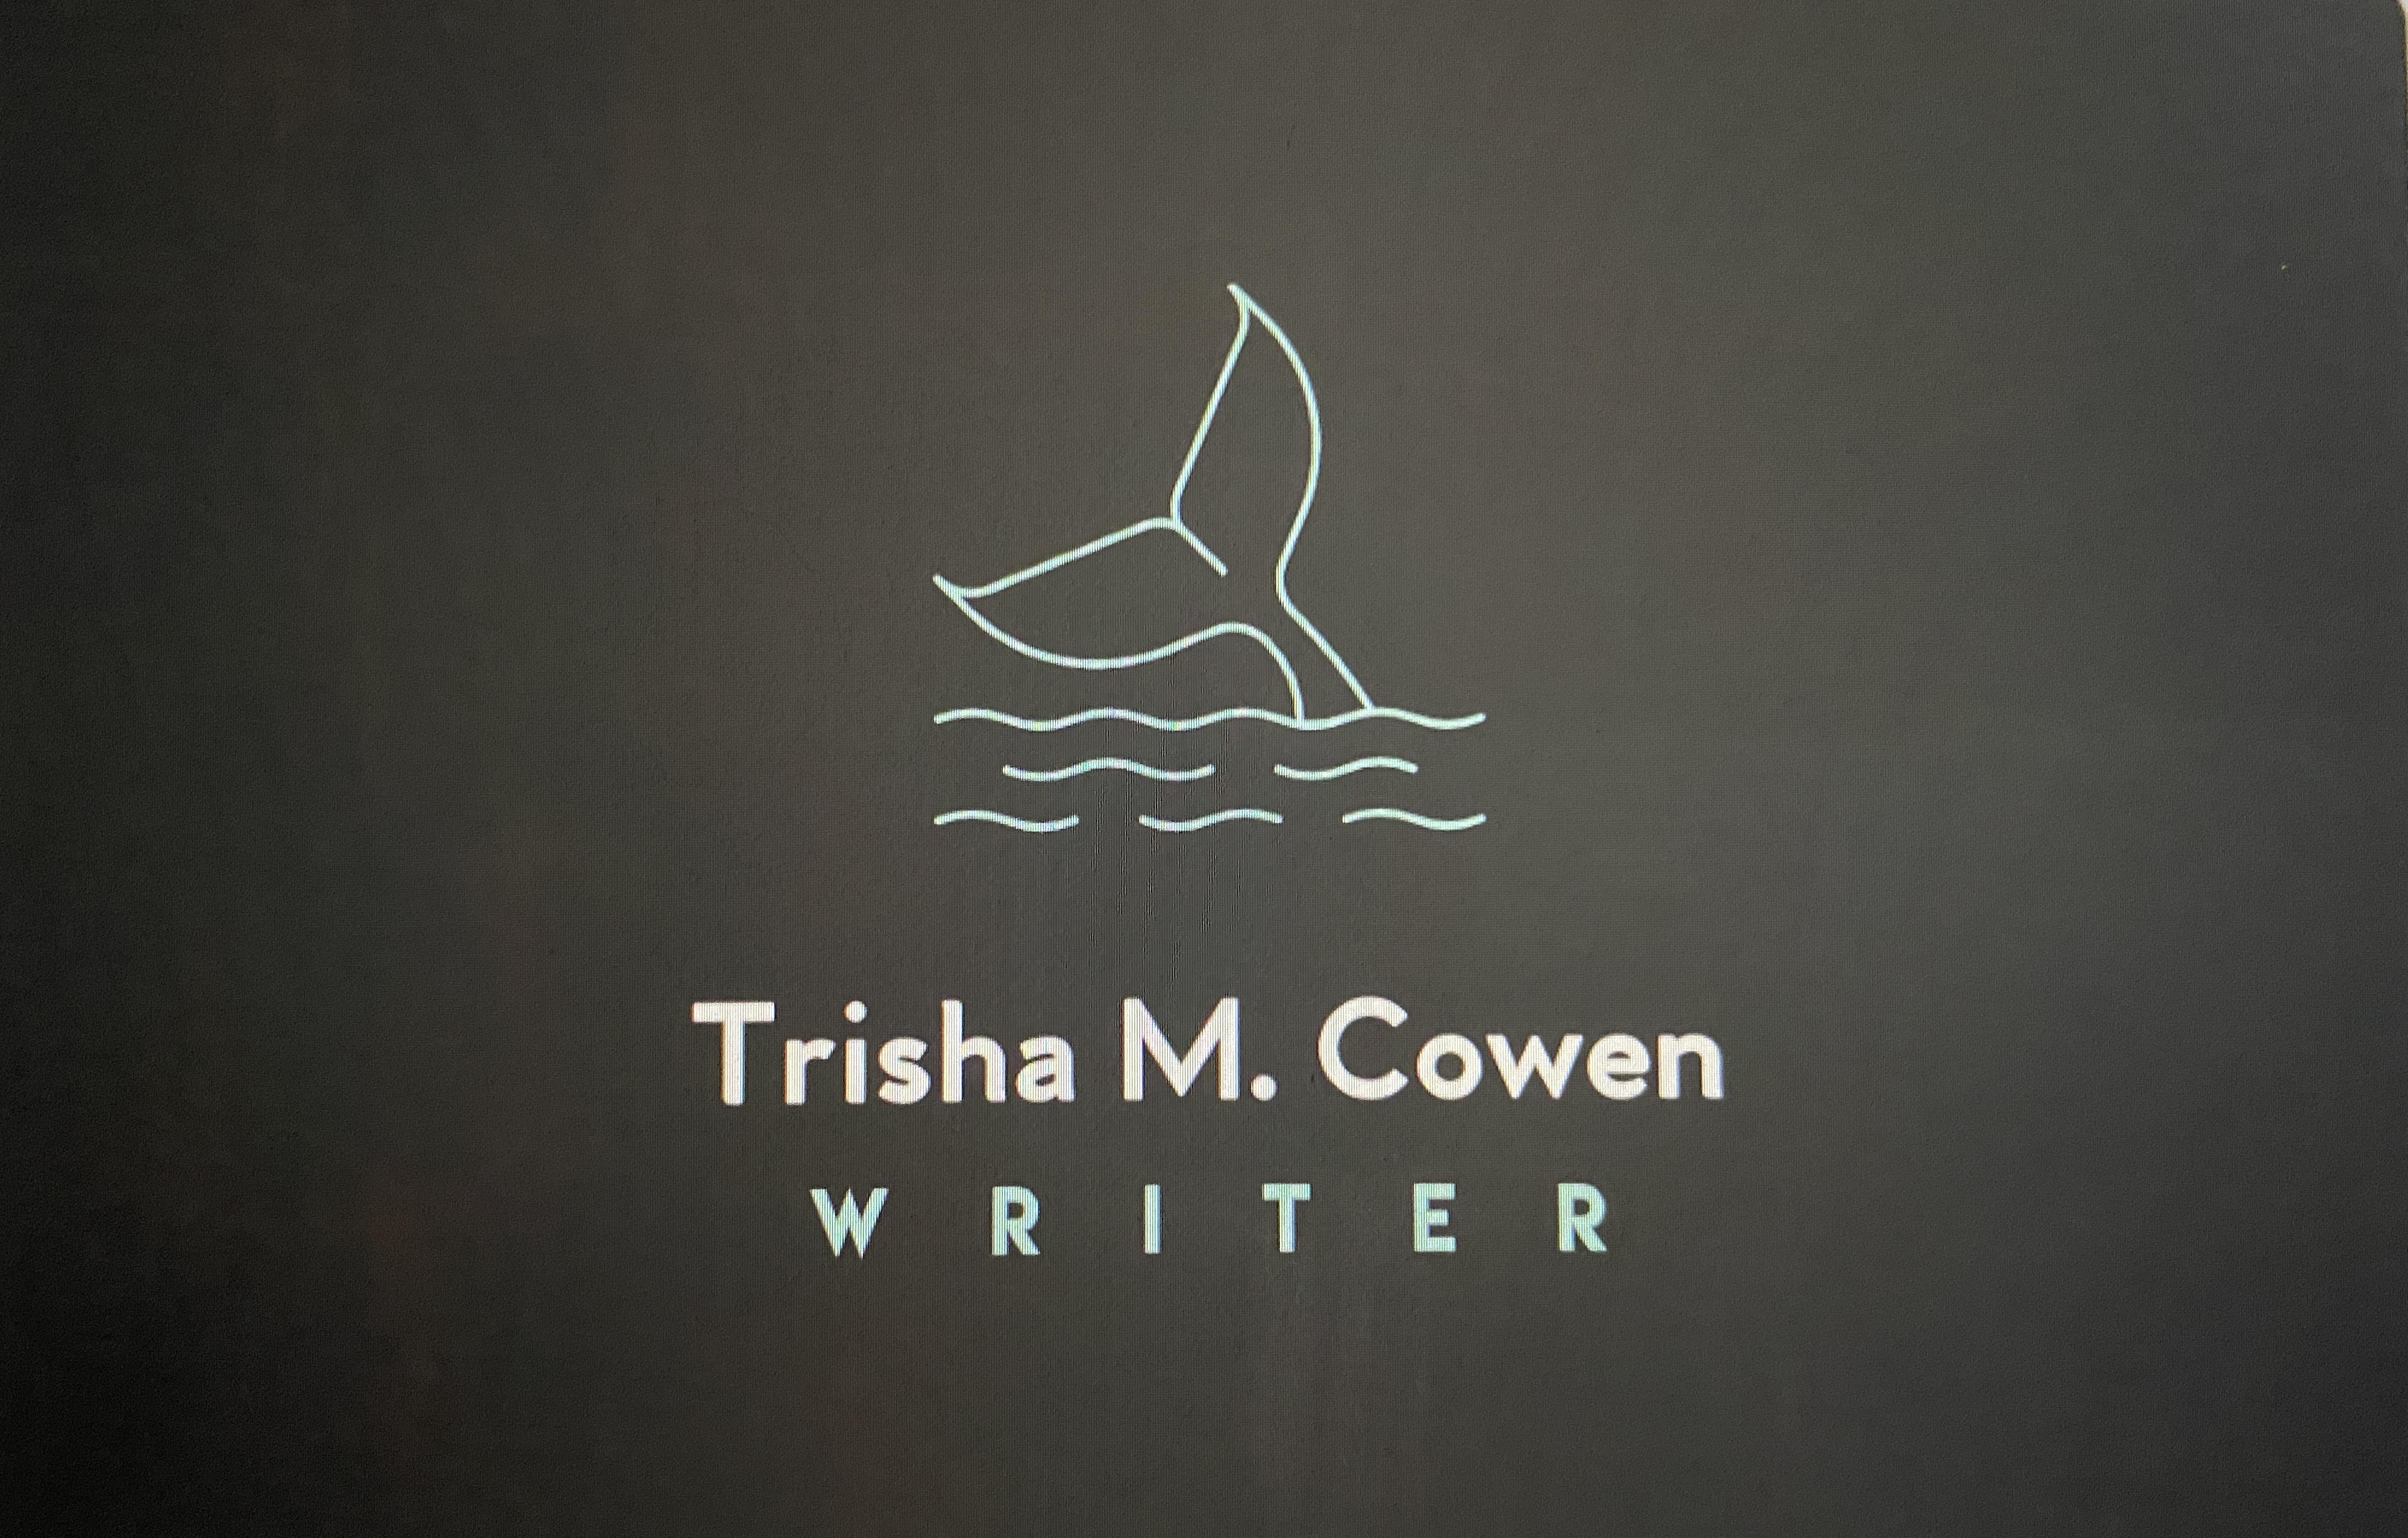 Trisha M. Cowen